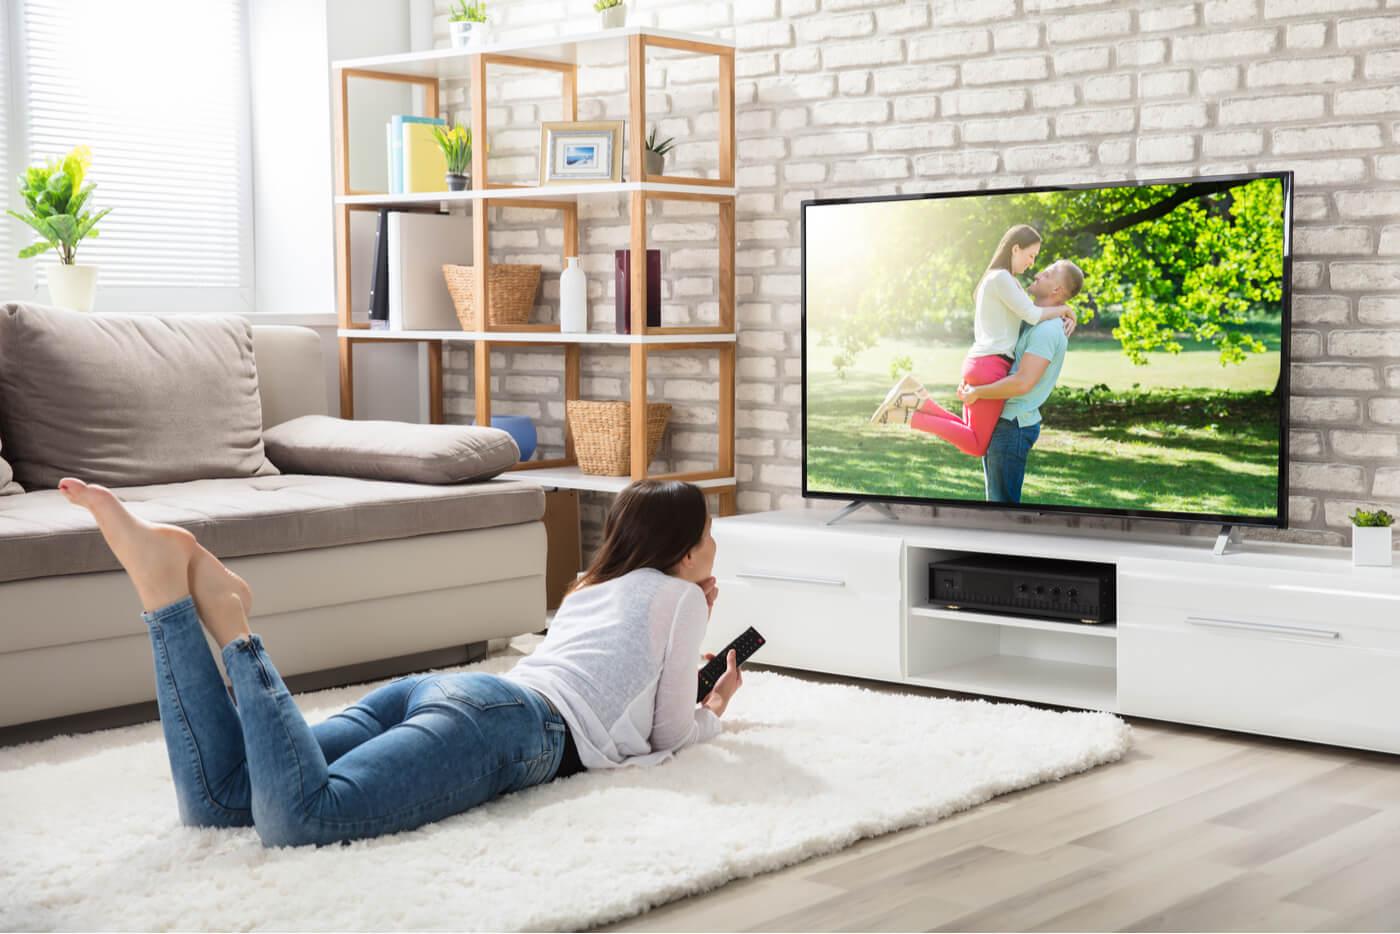 Televisor en el hogar